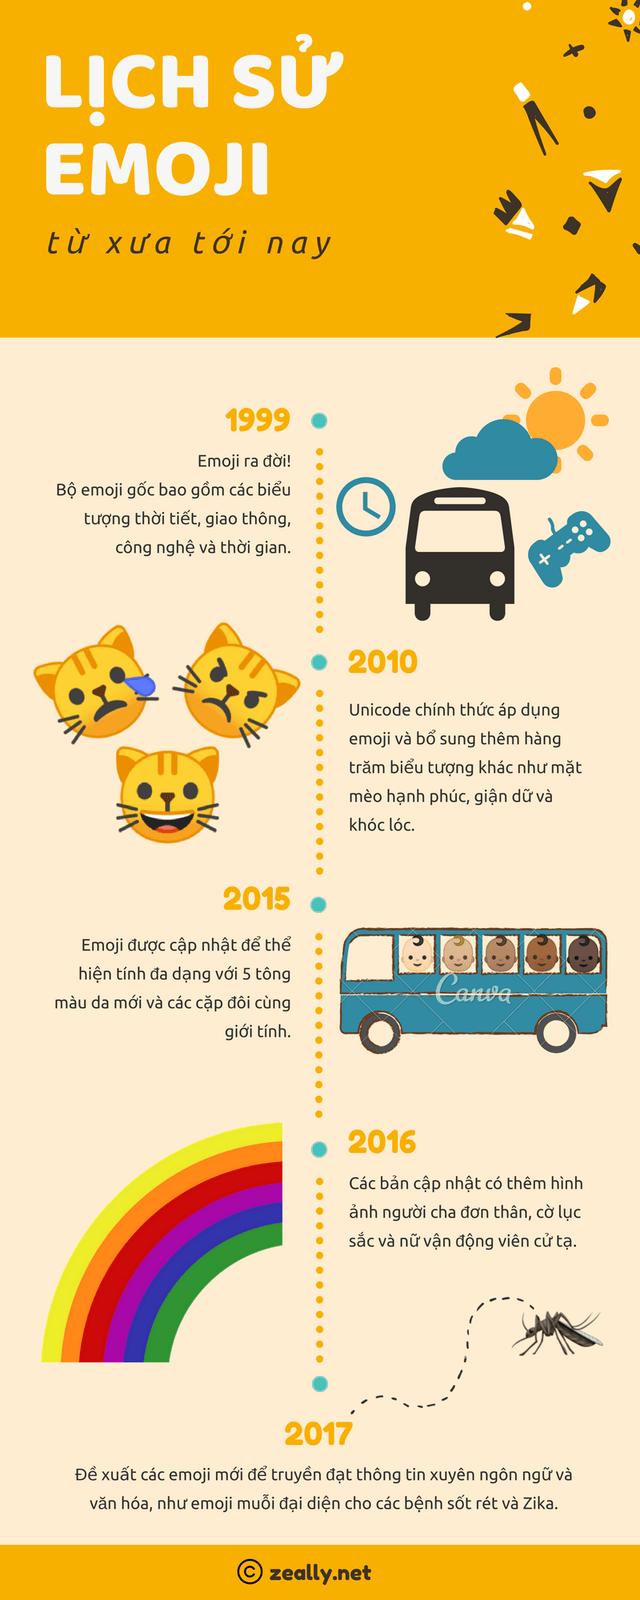 Emoji đã trở thành ngôn ngữ toàn cầu như thế nào?